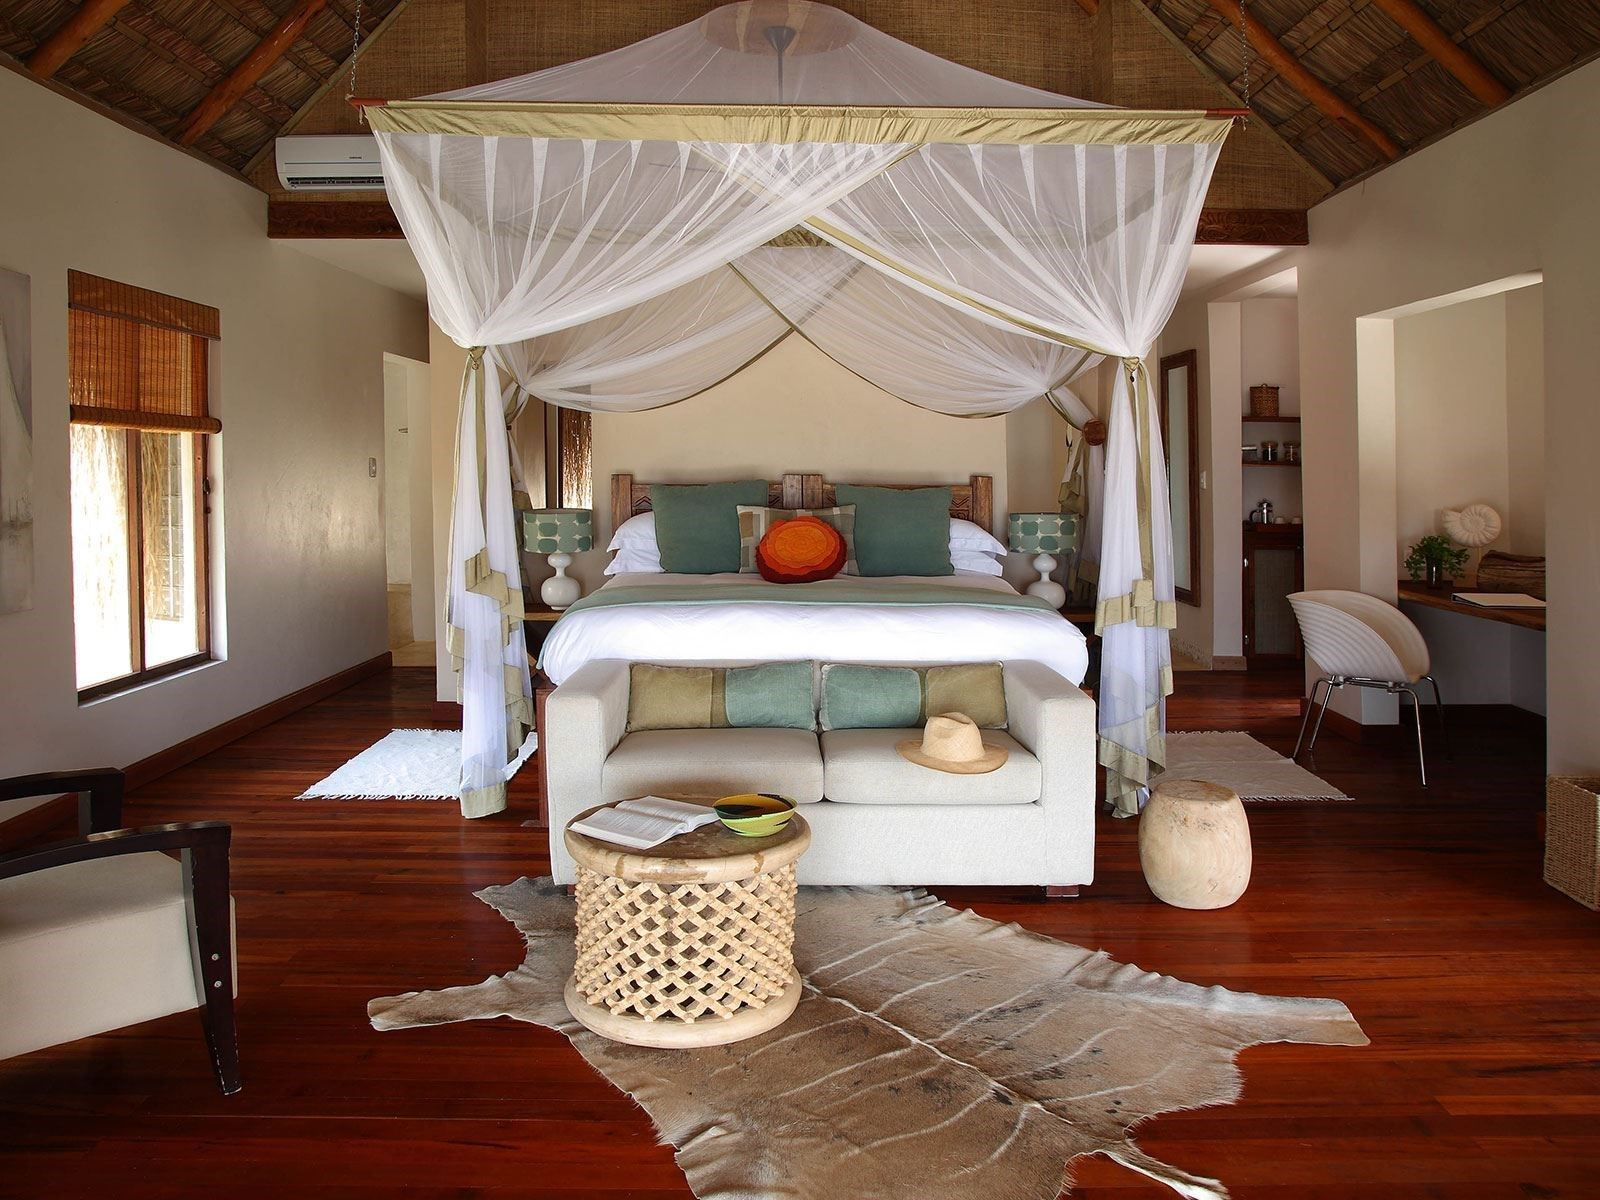 Premios Mr. & Mrs. Smith a los mejores hoteles Premio Eco: Azura, Mozambique Habitaciones dobles desde 1592 USD por noche con pensión completa y servicio de mayordomo.